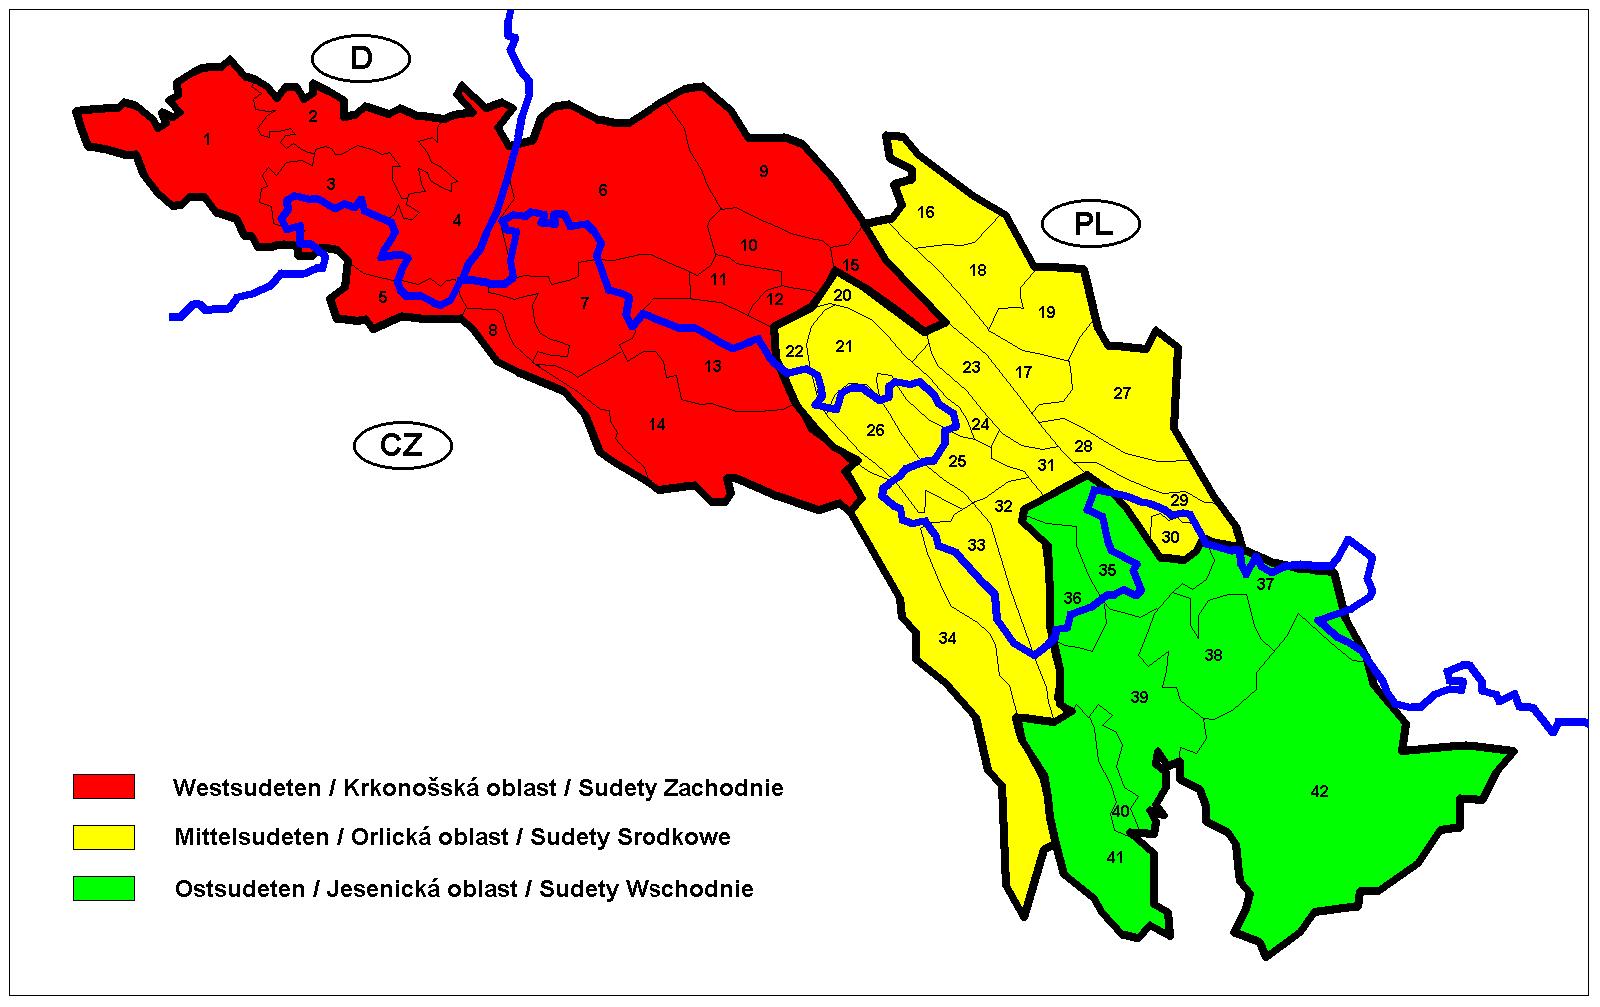 Mapa de los sudetes con las fronteras actuales. El área de las Montañas Gigantes está definida por los números 11,12,13 y 14.